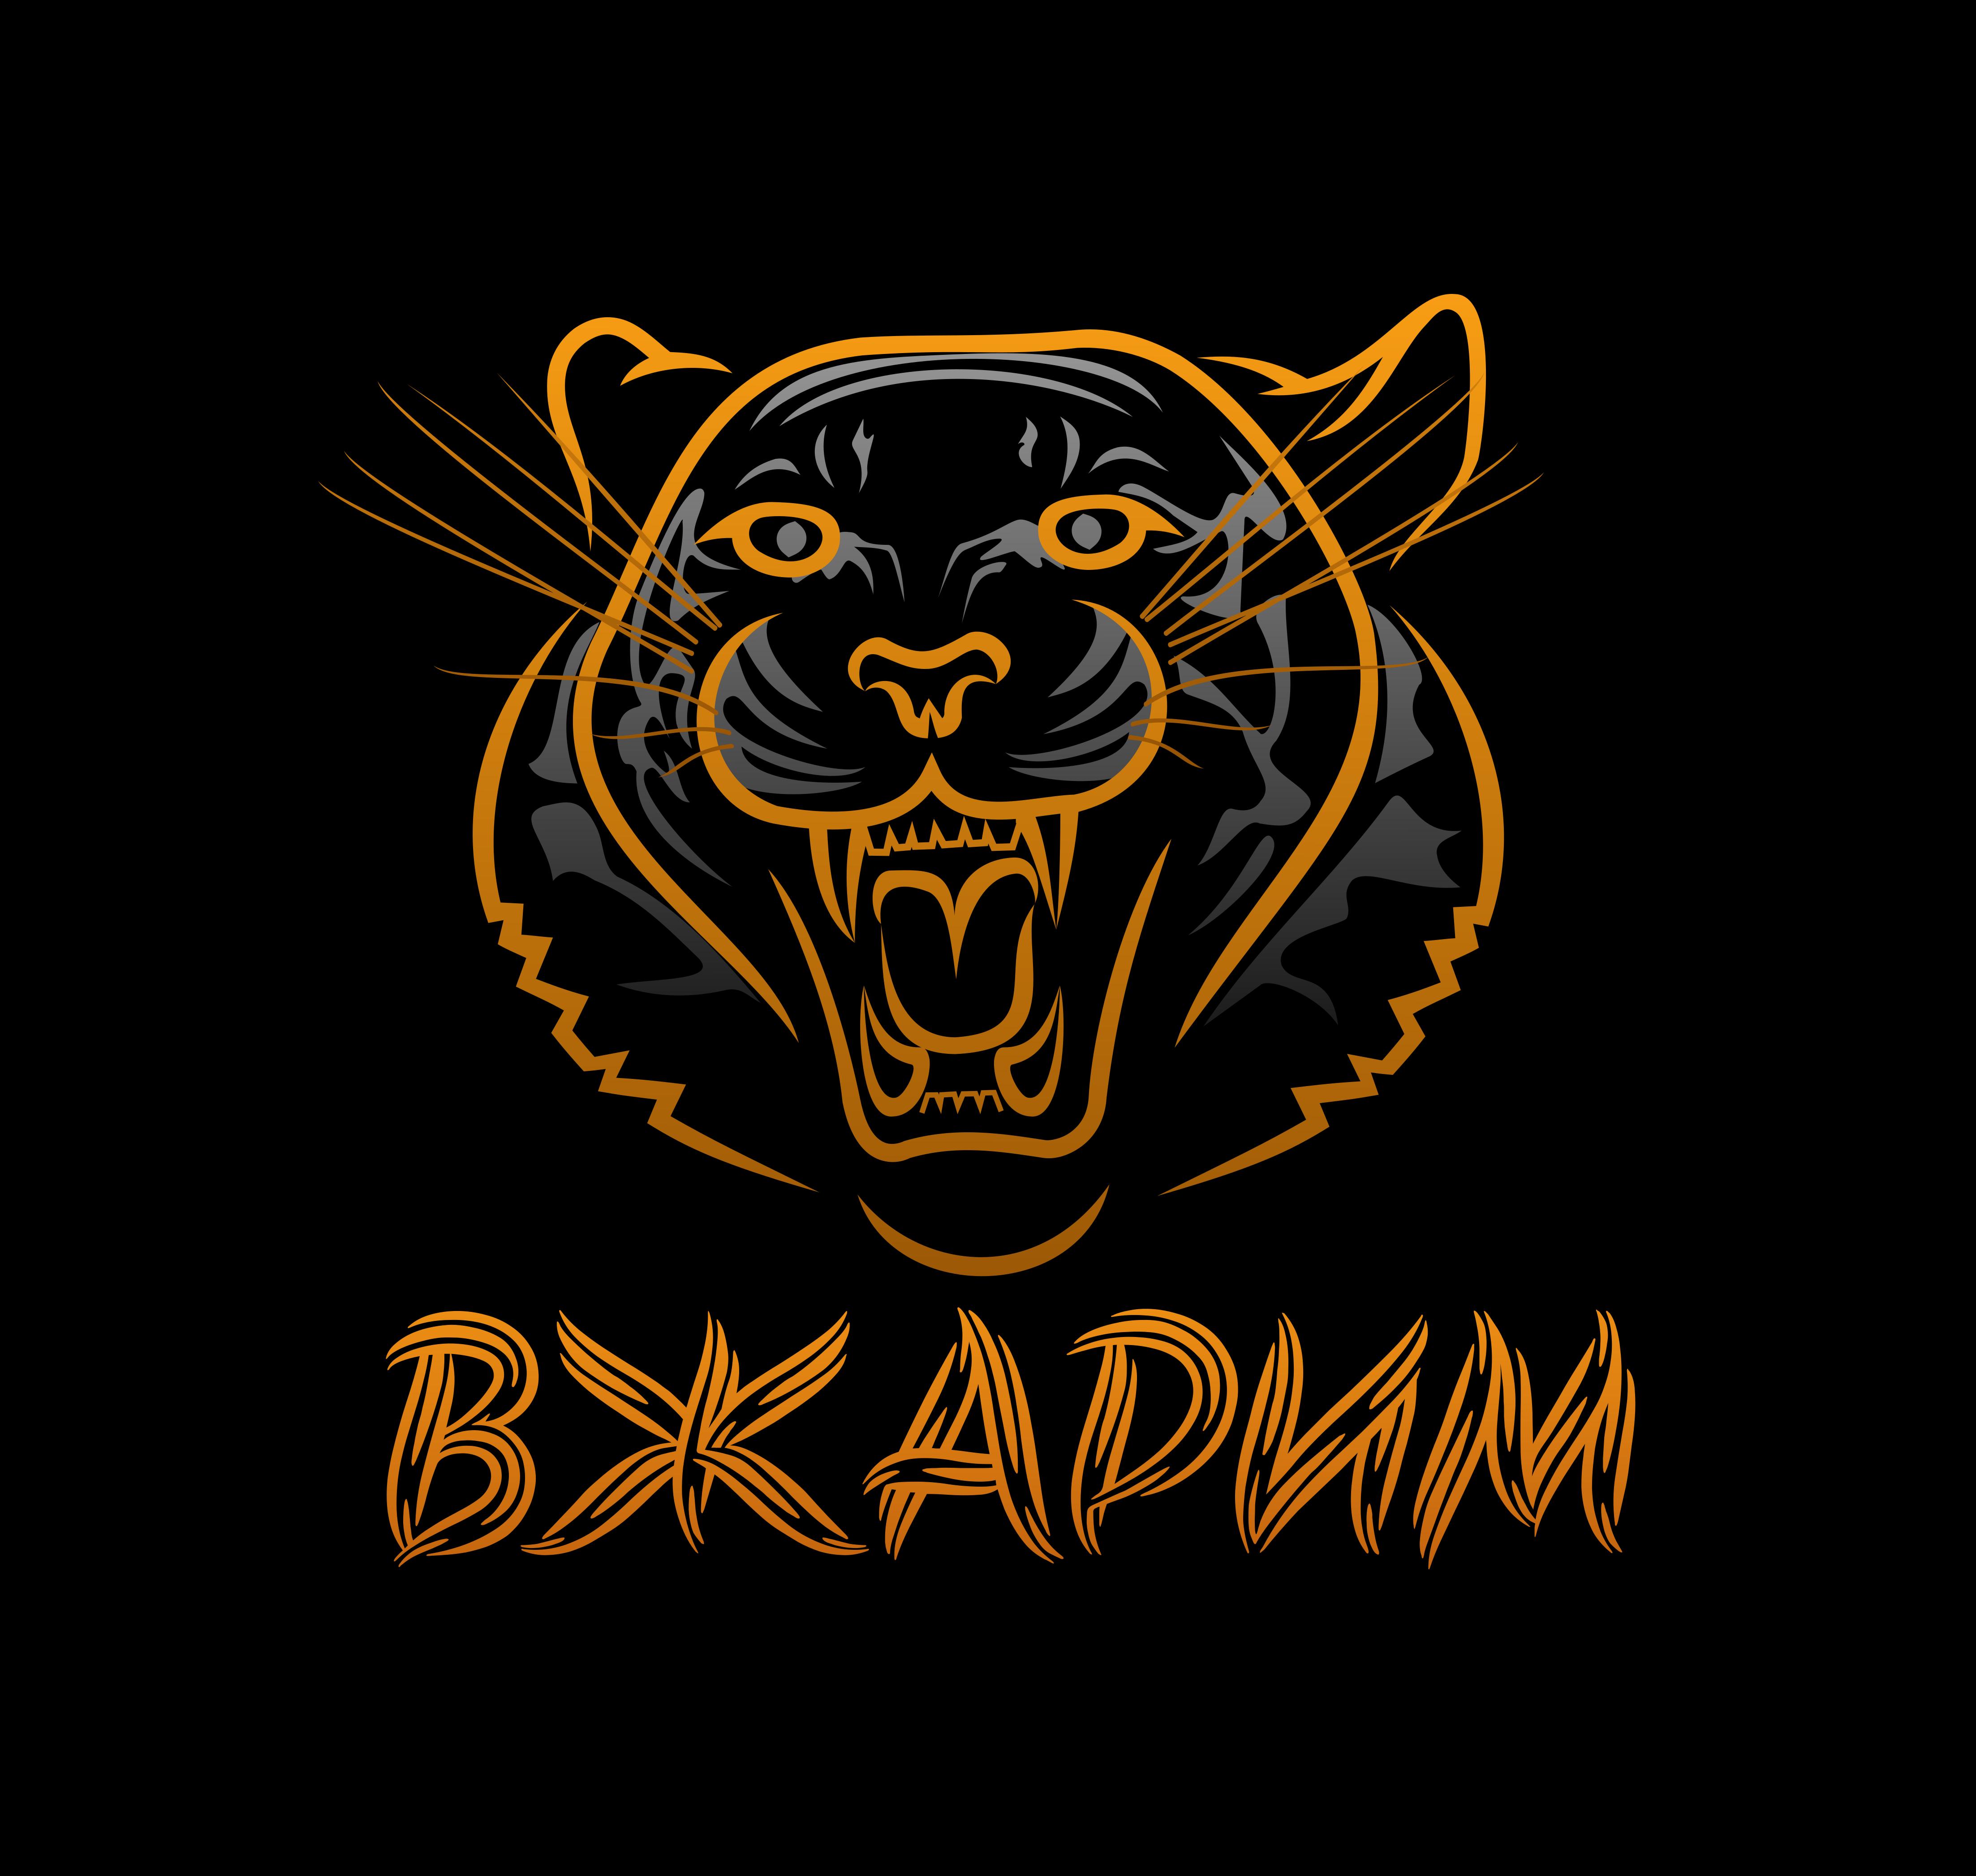 Требуется, разработка логотипа для крафт-кафе «ВЖАРИМ». фото f_08060129e8560645.png